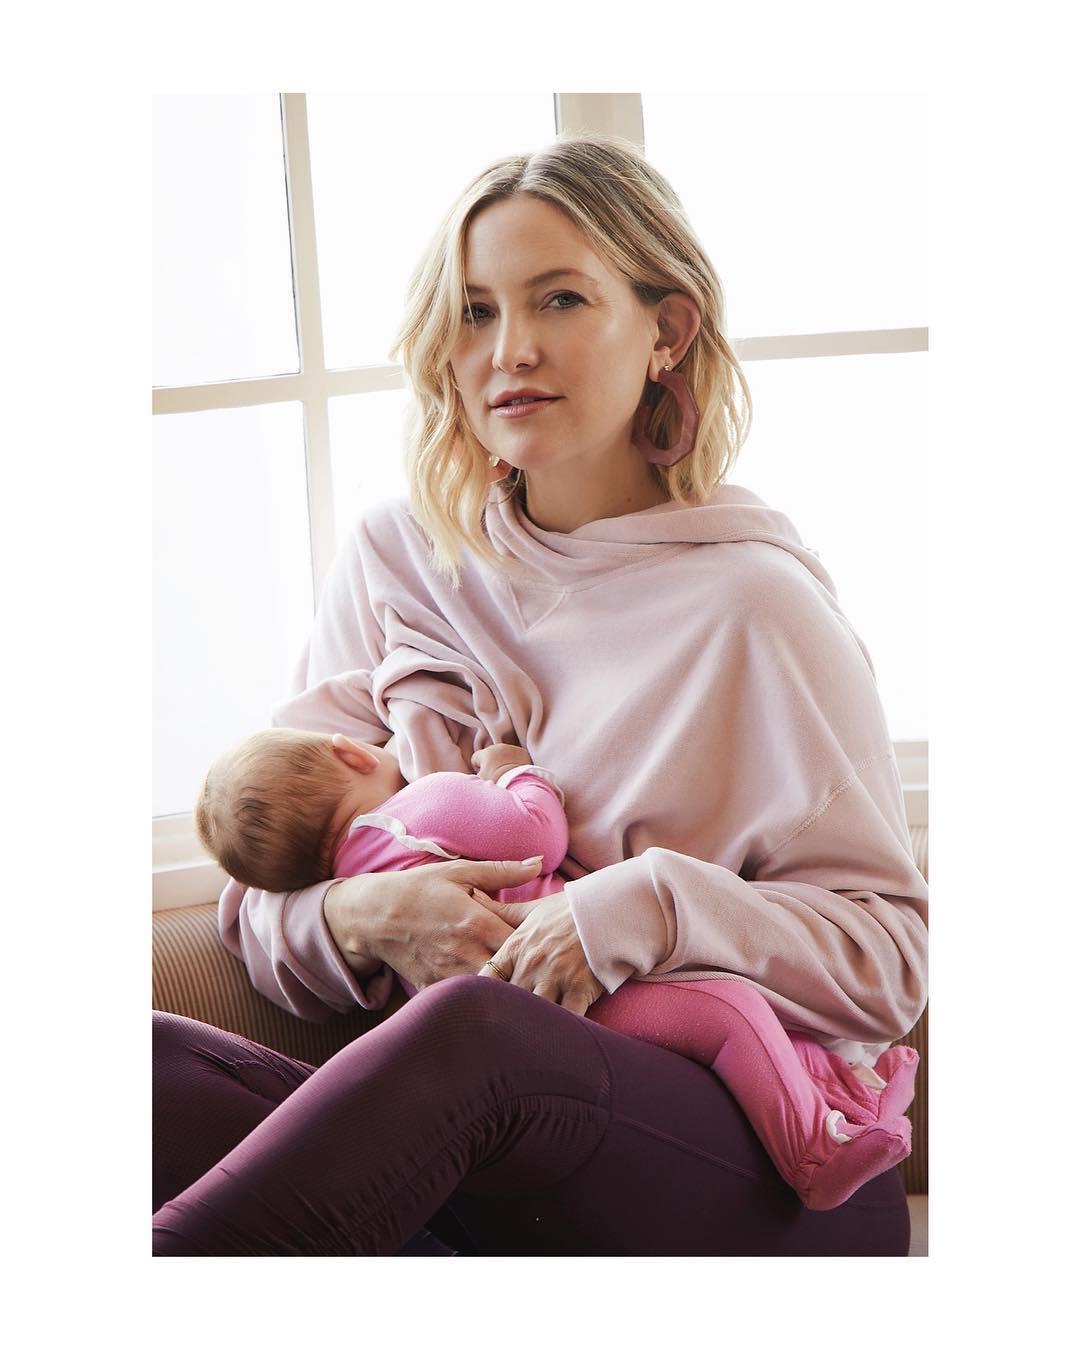 Жүжигчин Кейт Хадсон охиноо хөхүүлж буй зургаа хуваалцав